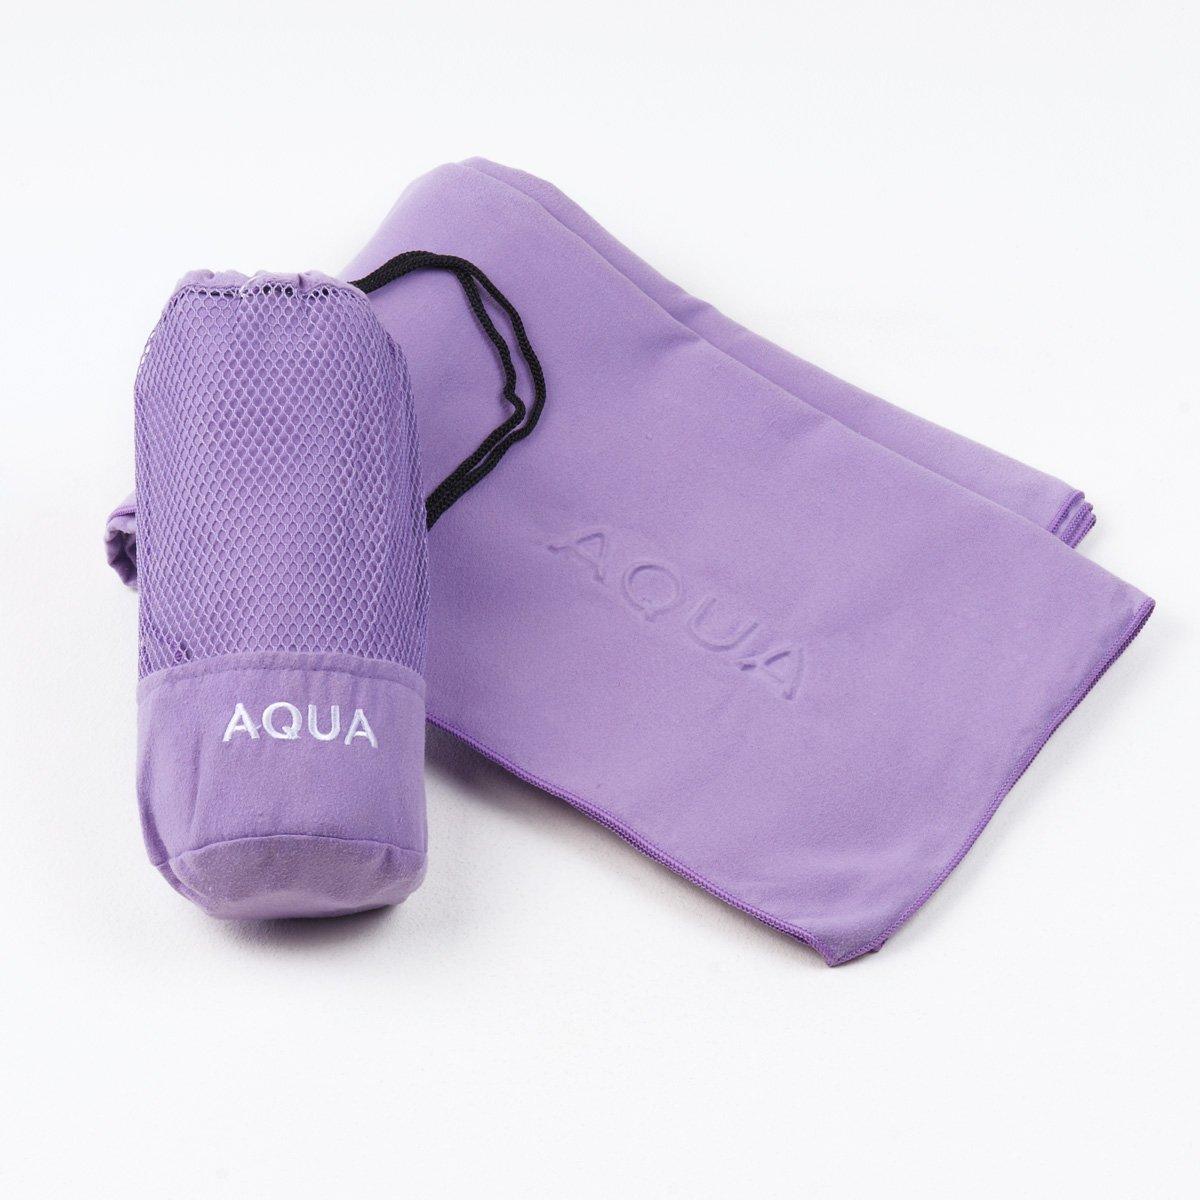 Sancarlos Aqua Toalla Microfibra, Lila, 70x140 cm product image